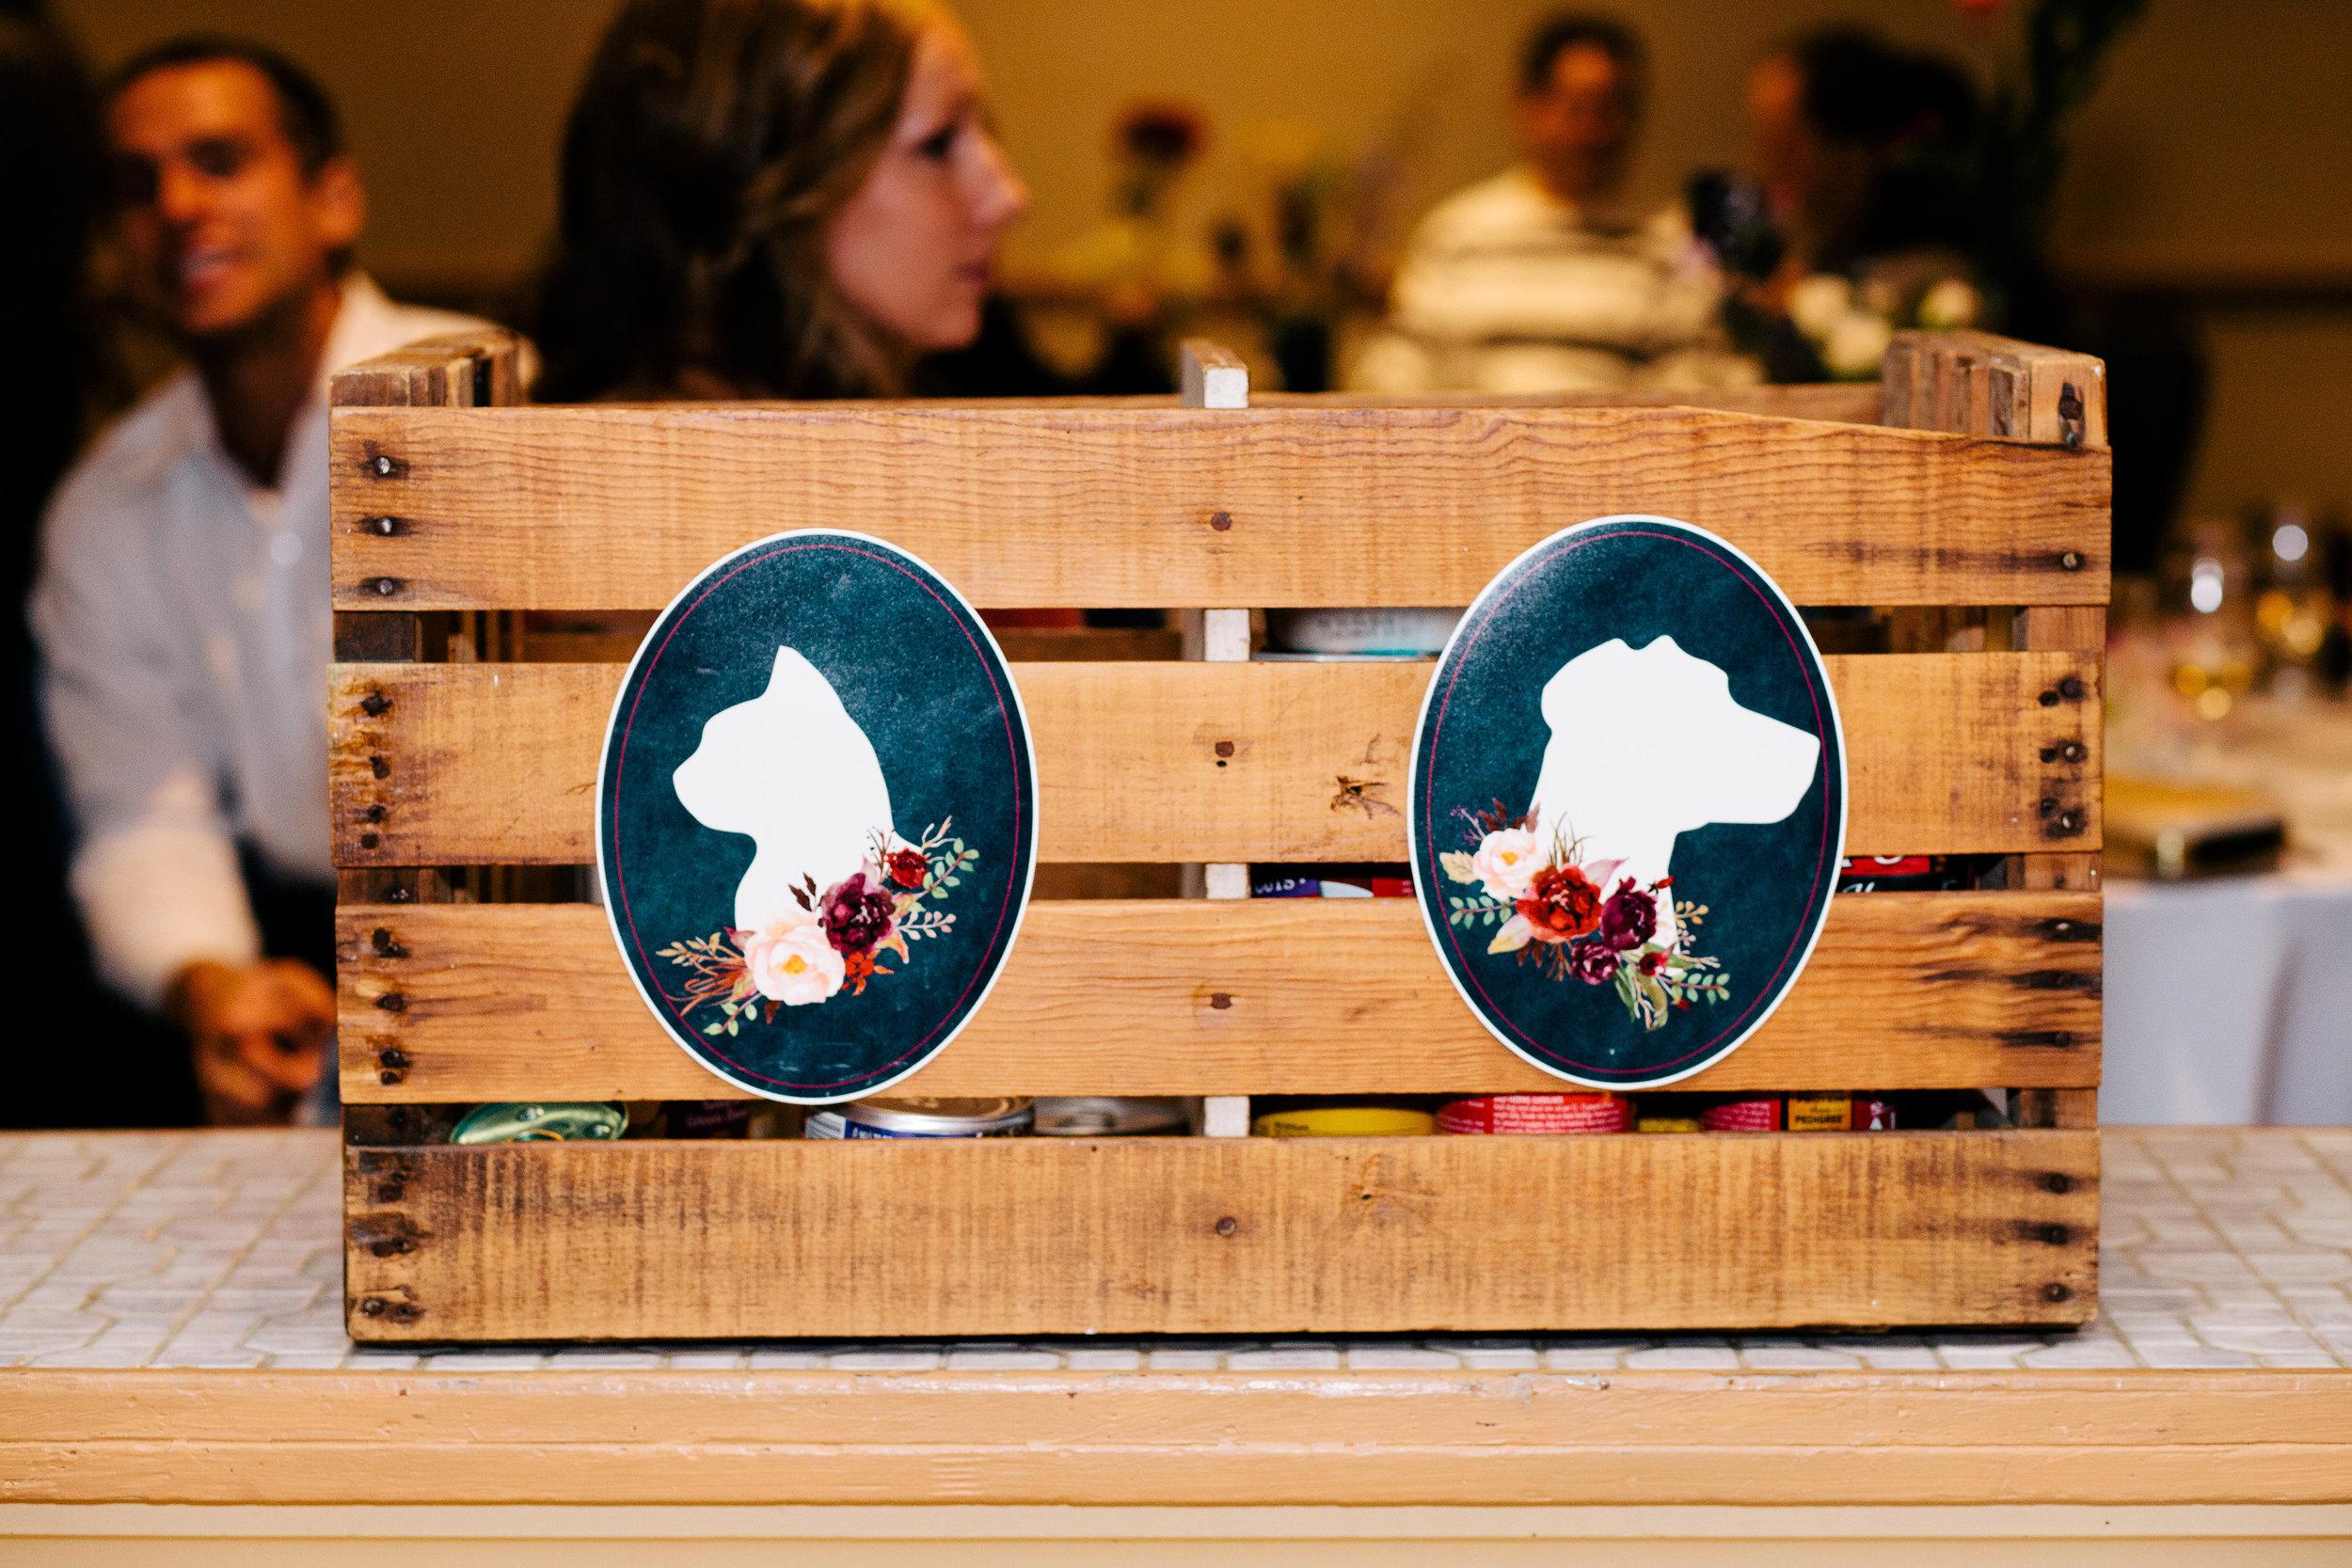 eisley-images-providence-wedding-animal-shelter.jpg